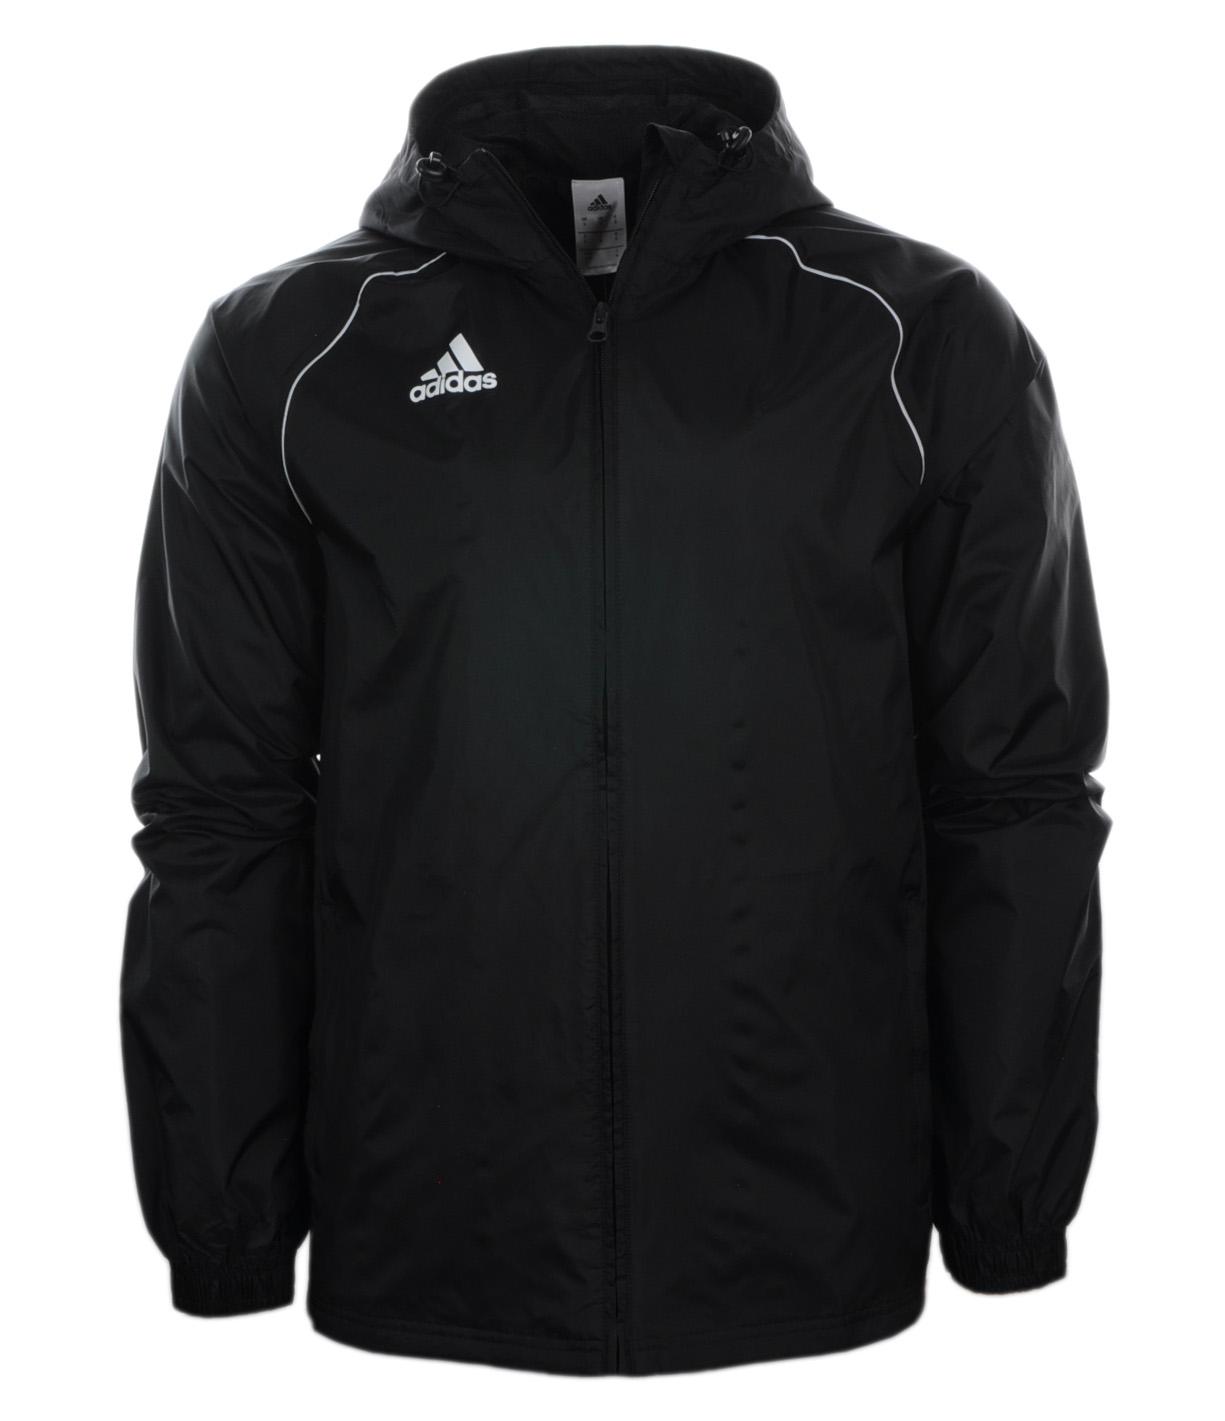 Adidas куртка junior ветровка капюшон, р. 164 1850. доставка товаров из Польши и Allegro на русском